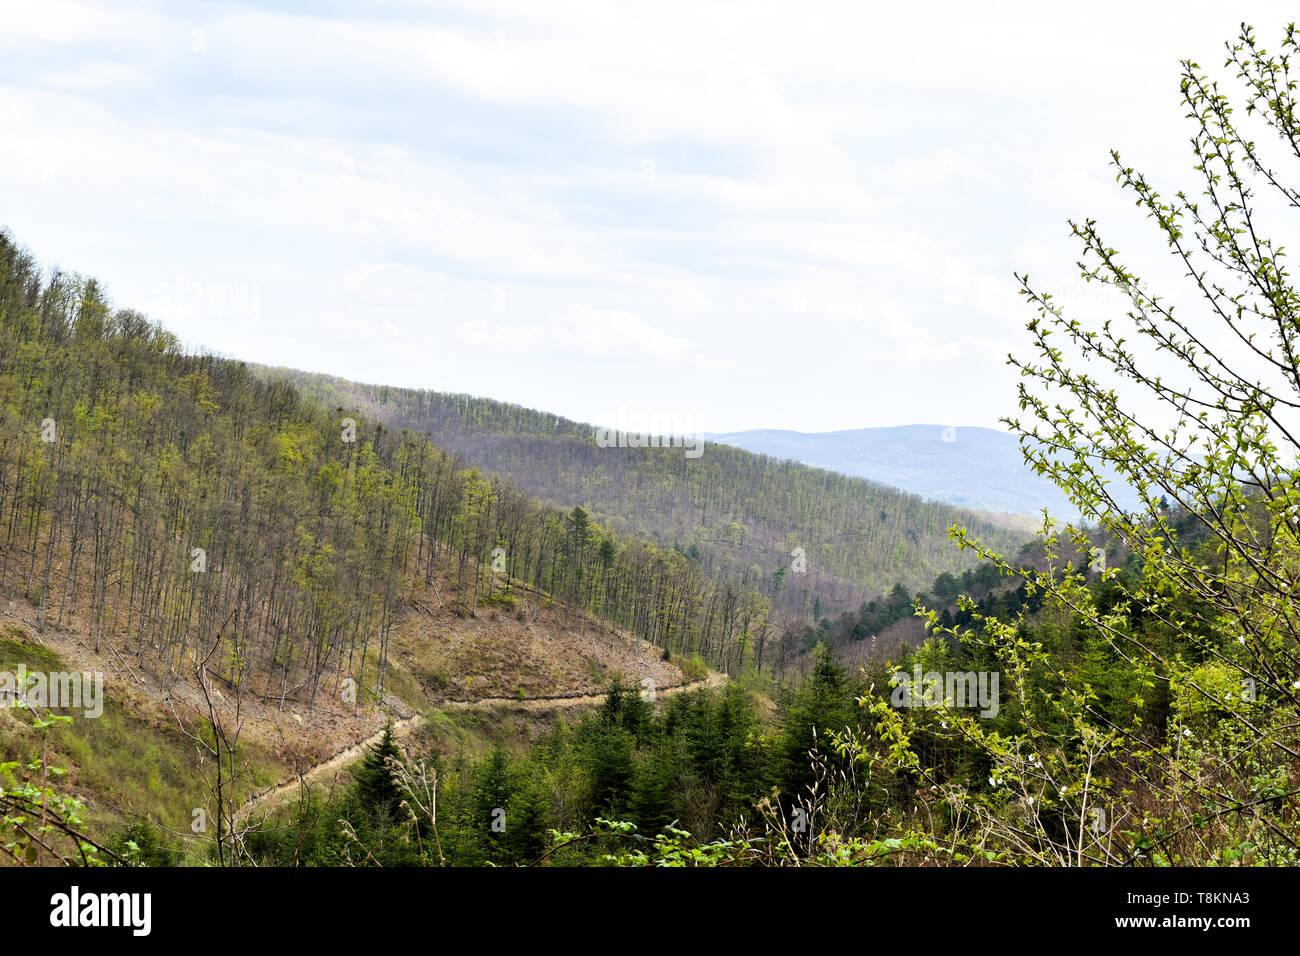 Grüne Laub- und Pine Tree Bergwald in Kroatien während der frühen Frühjahr Stockbild